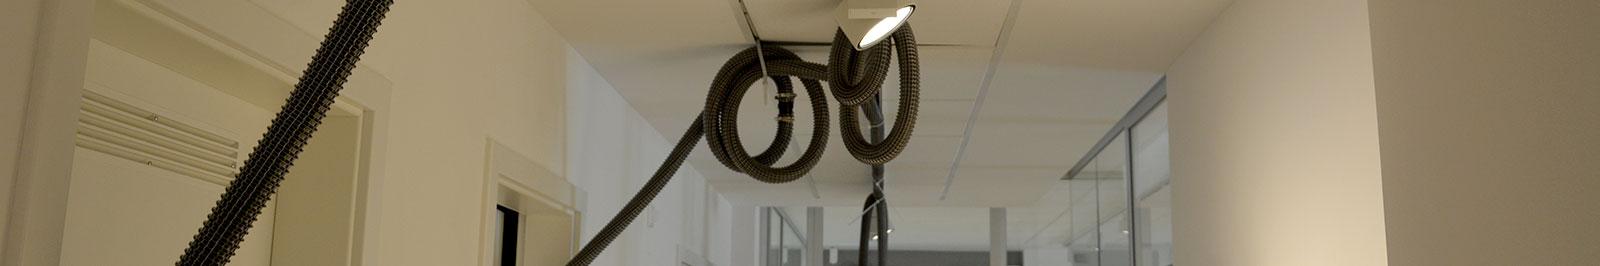 trockenlegung von geb uden bautrocknung niederkassel akr bergmann. Black Bedroom Furniture Sets. Home Design Ideas